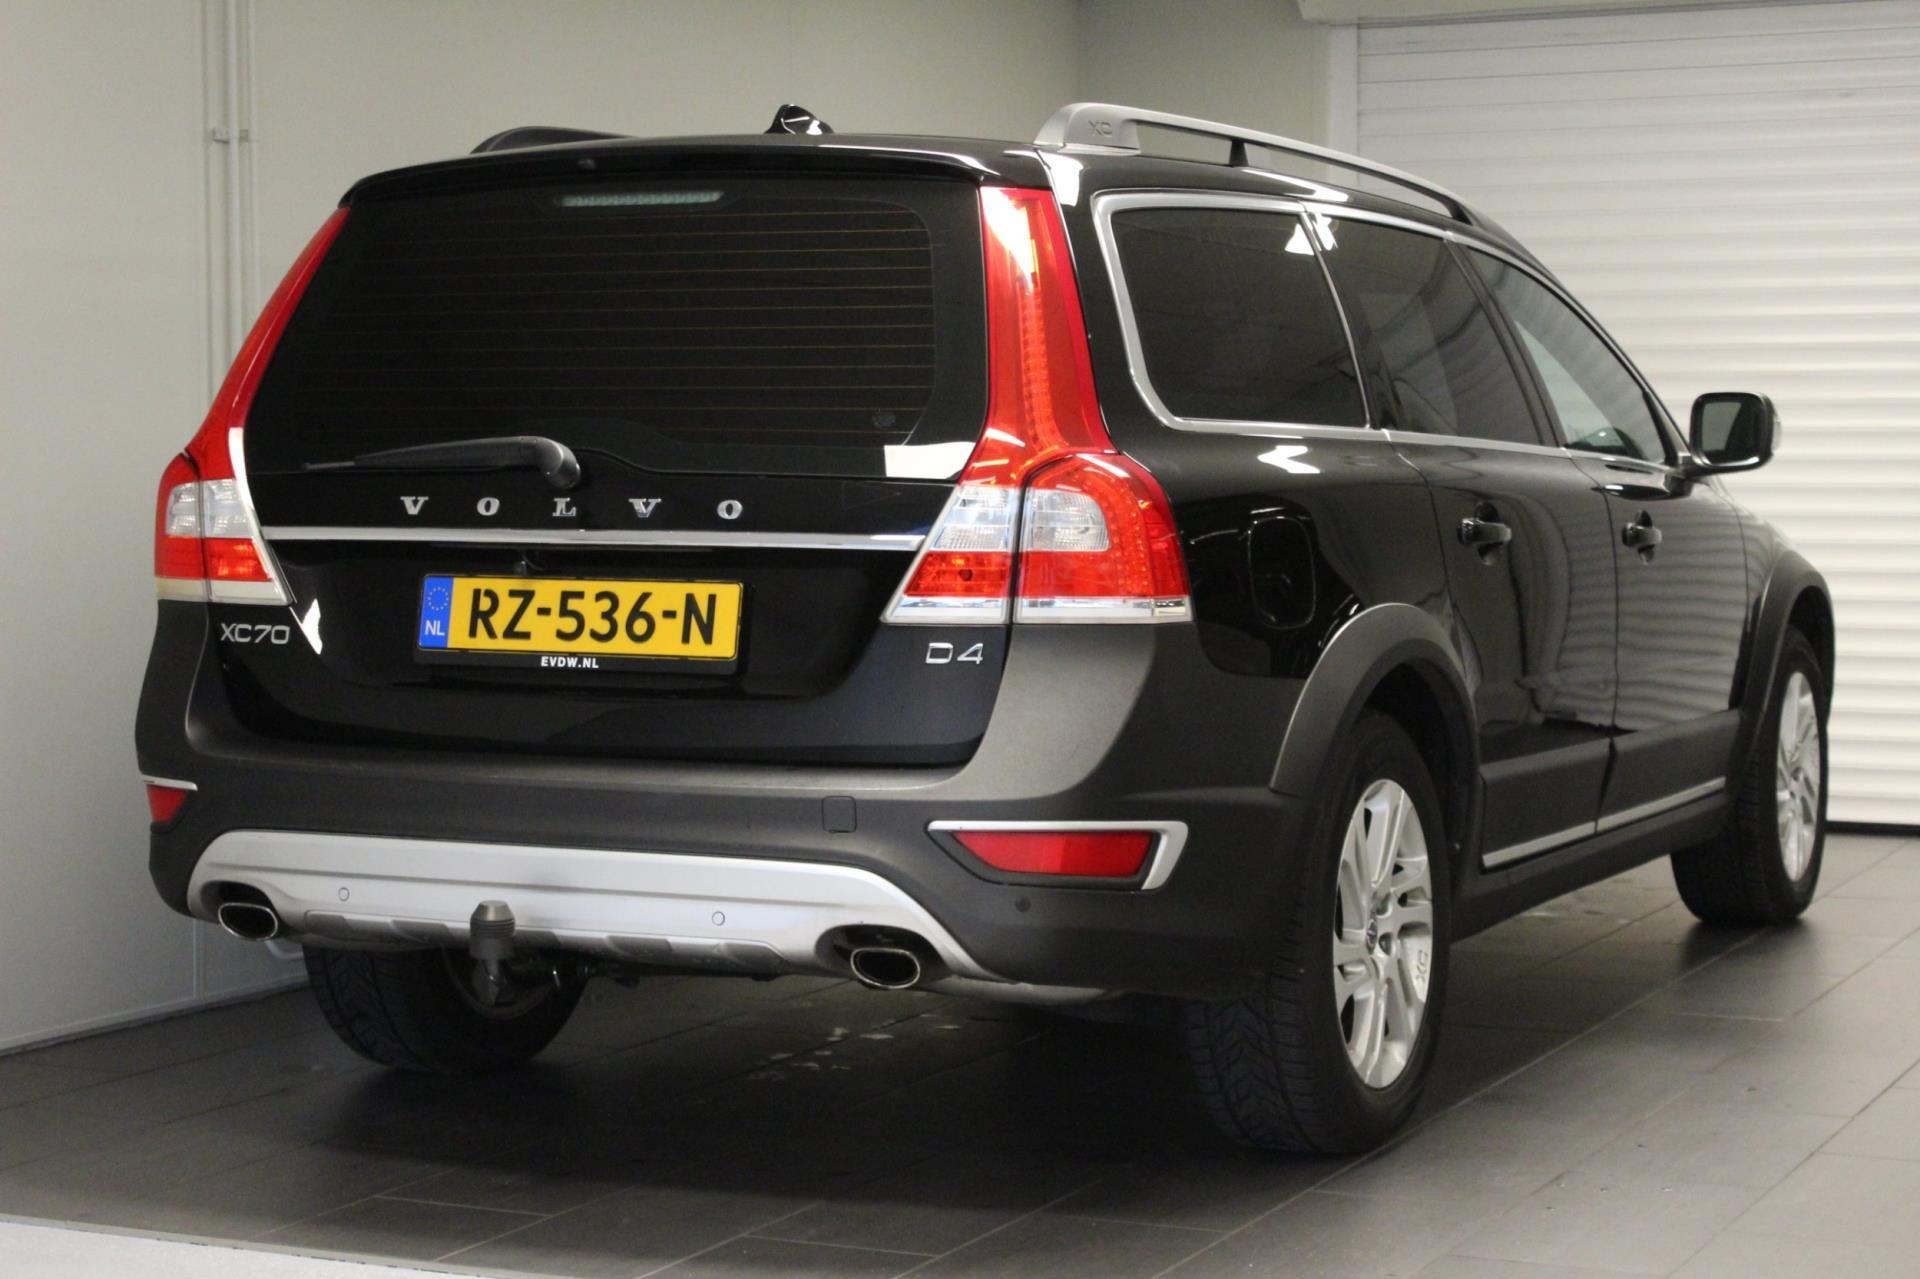 Volvo XC70 occasion - Autobedrijf Eric van de Weijer